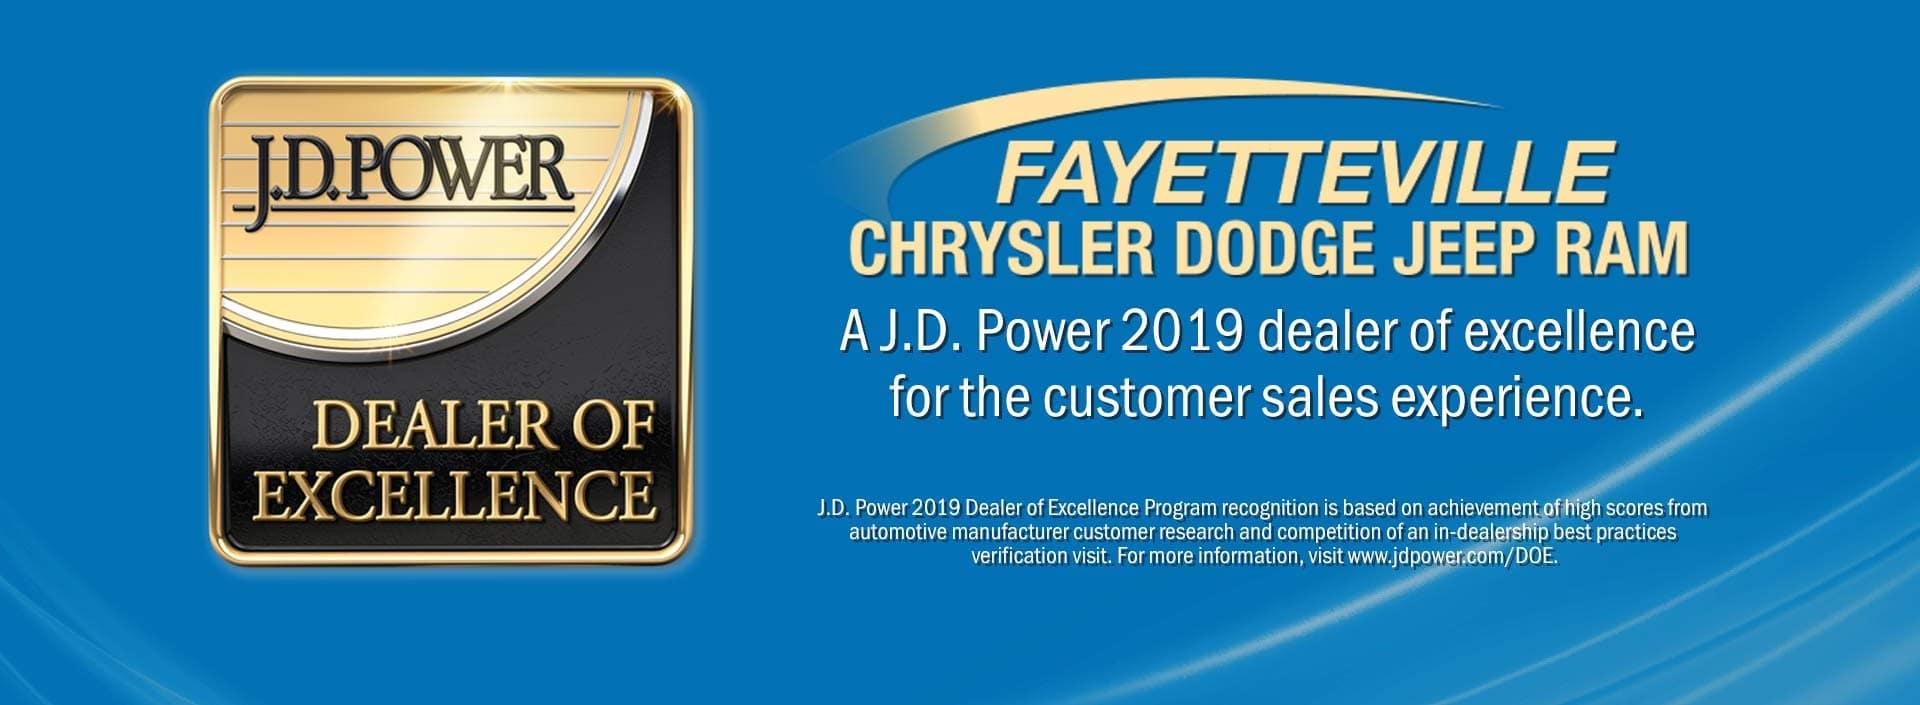 JD Power Award Fayetteville